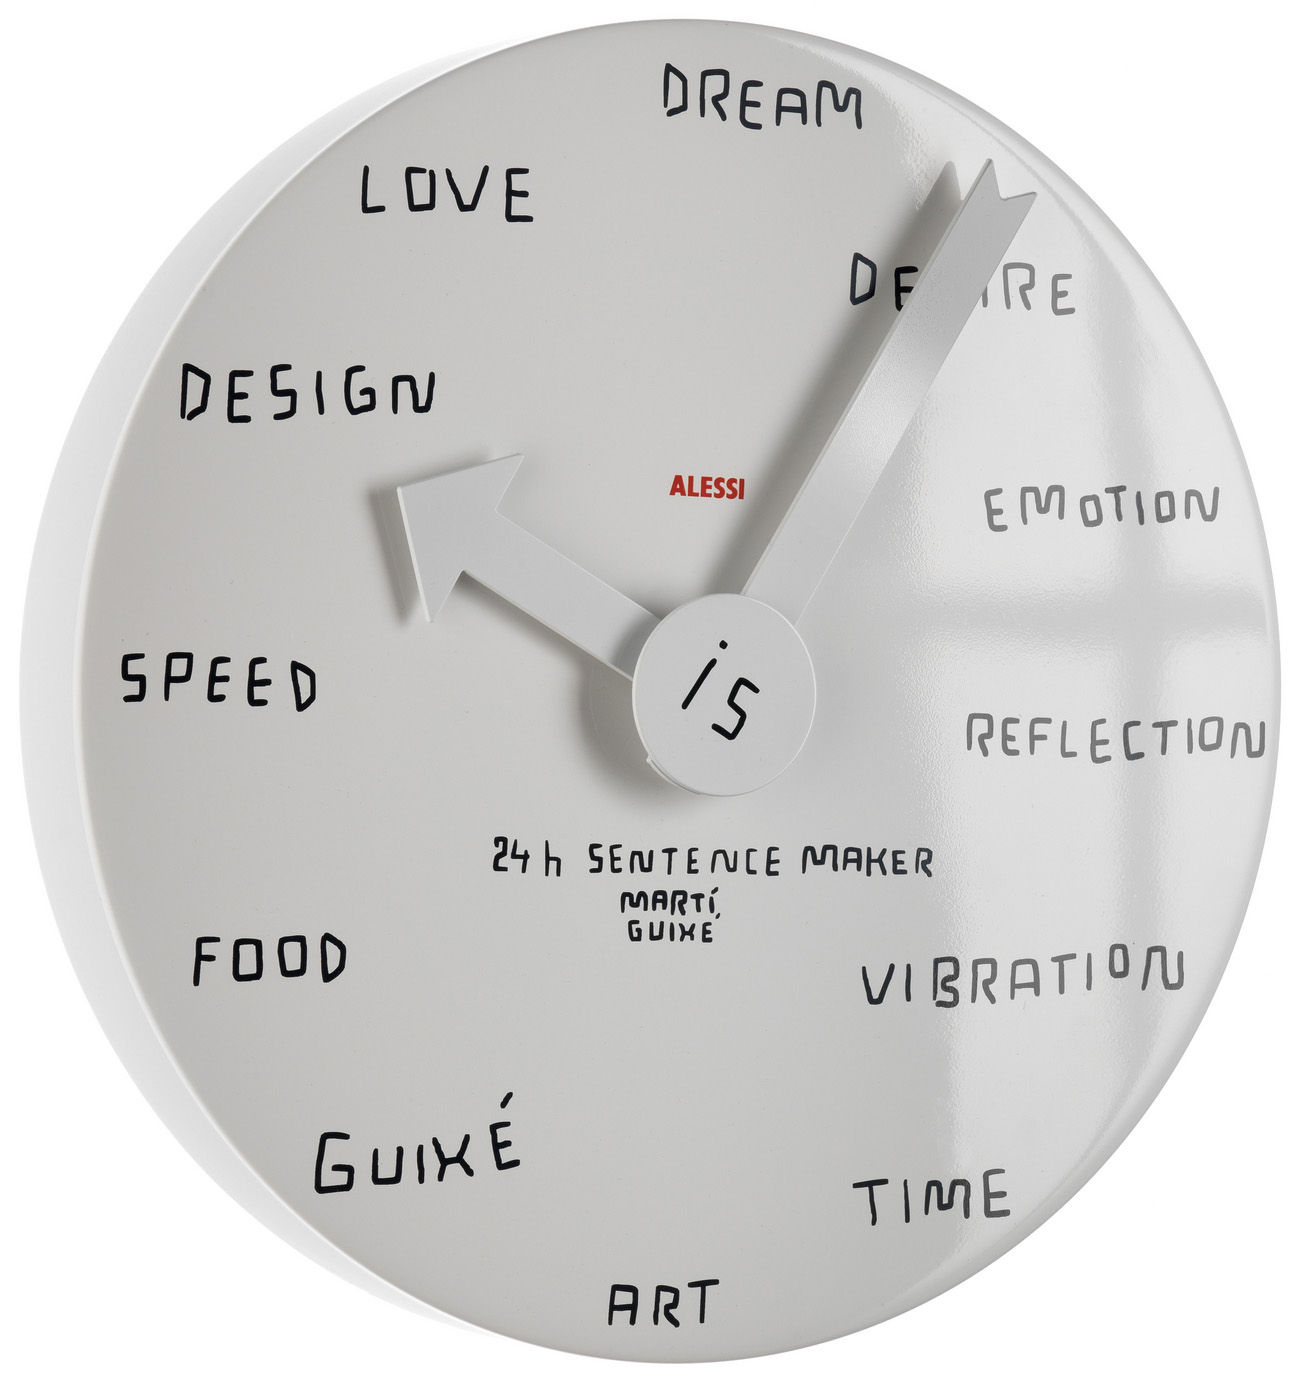 horloge murale 24h sentence maker blanc alessi. Black Bedroom Furniture Sets. Home Design Ideas